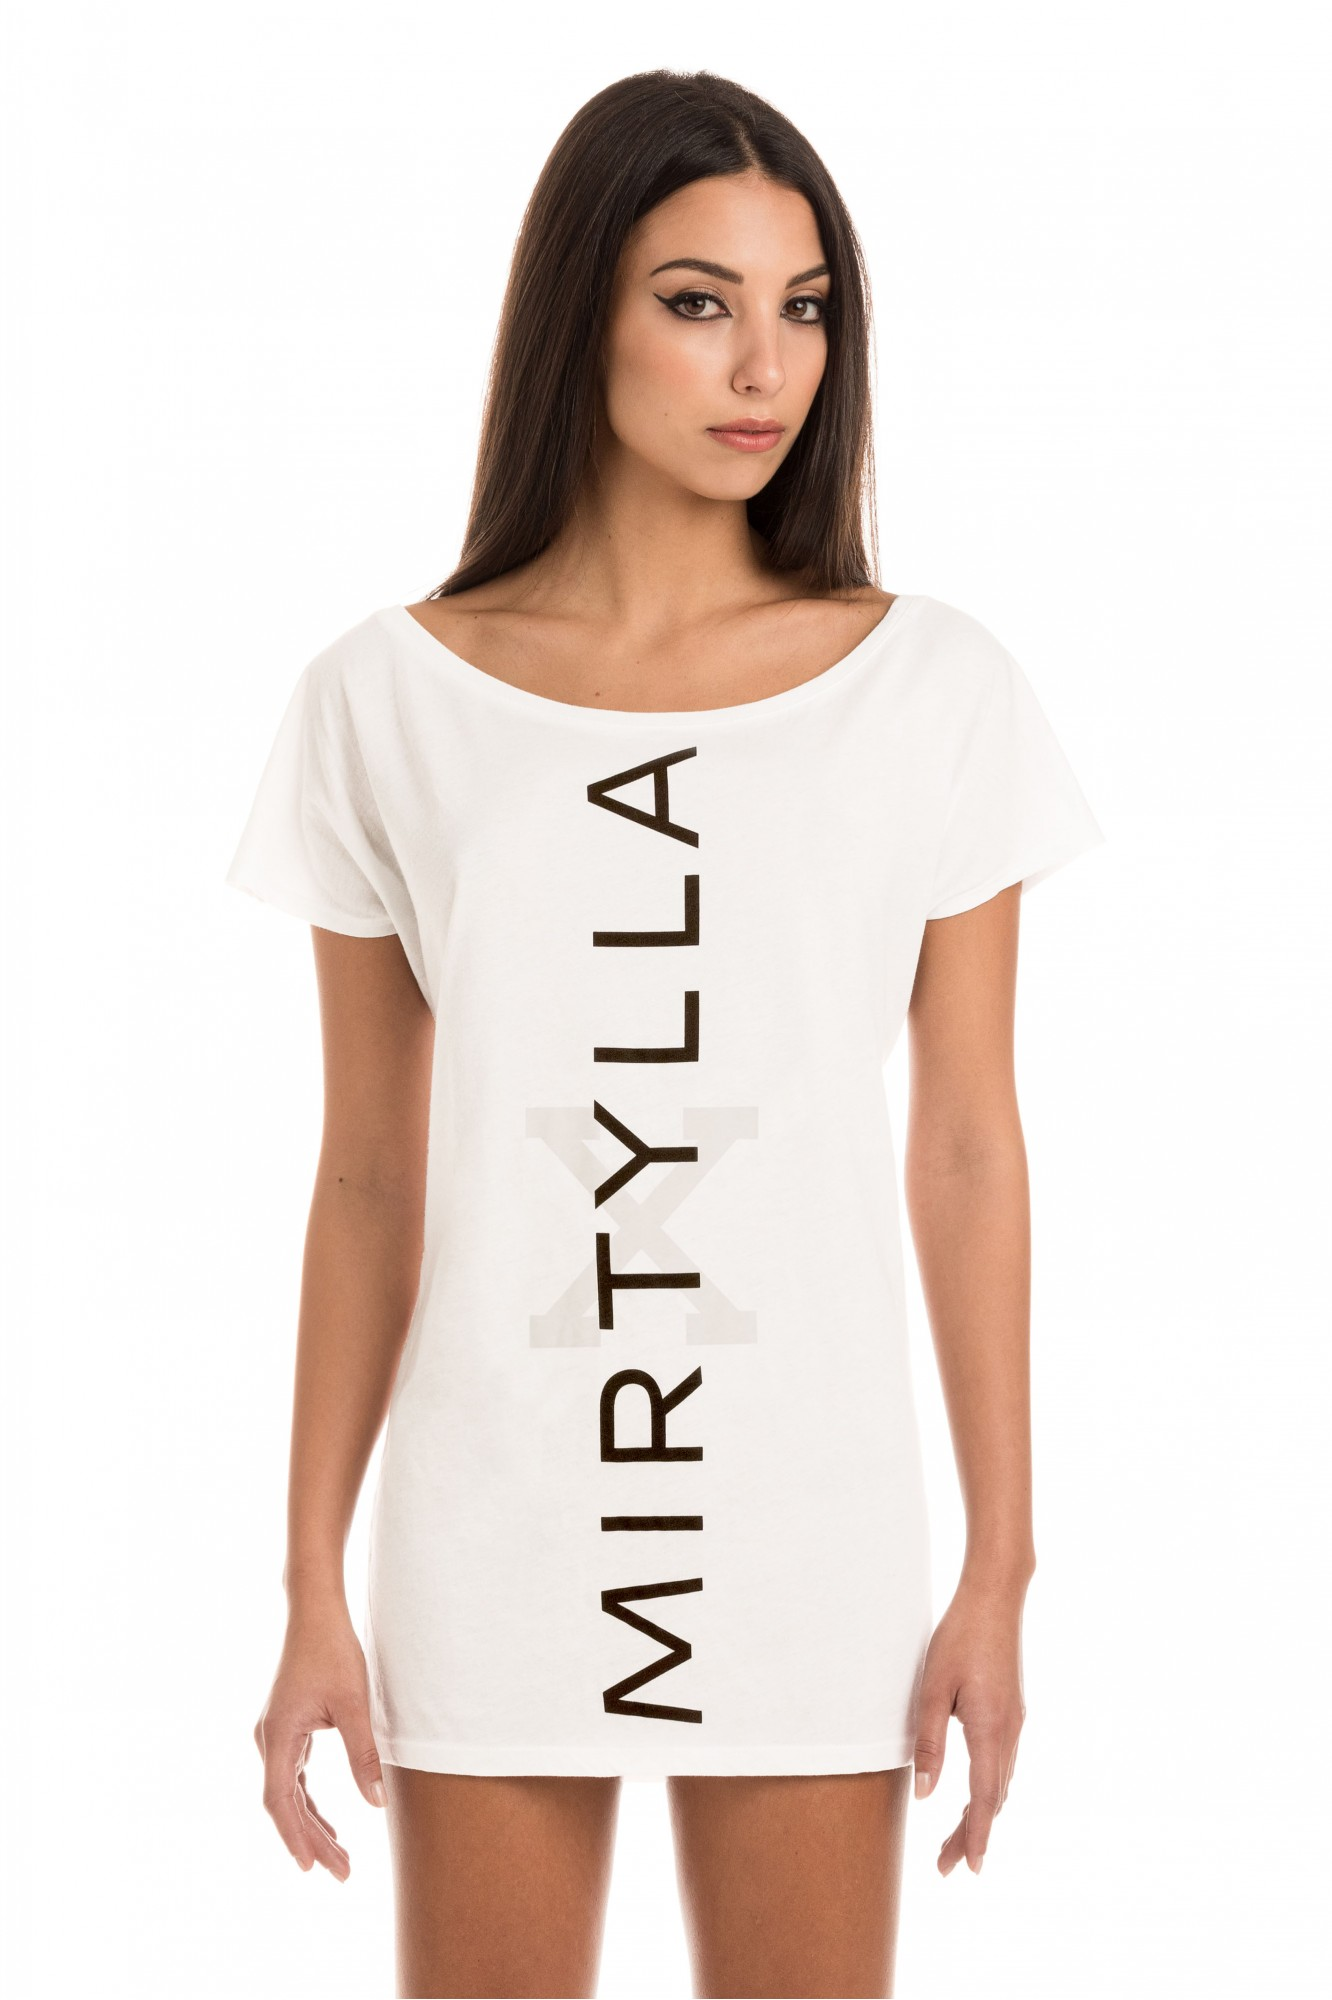 T-SHIRT MIRTYLLA X